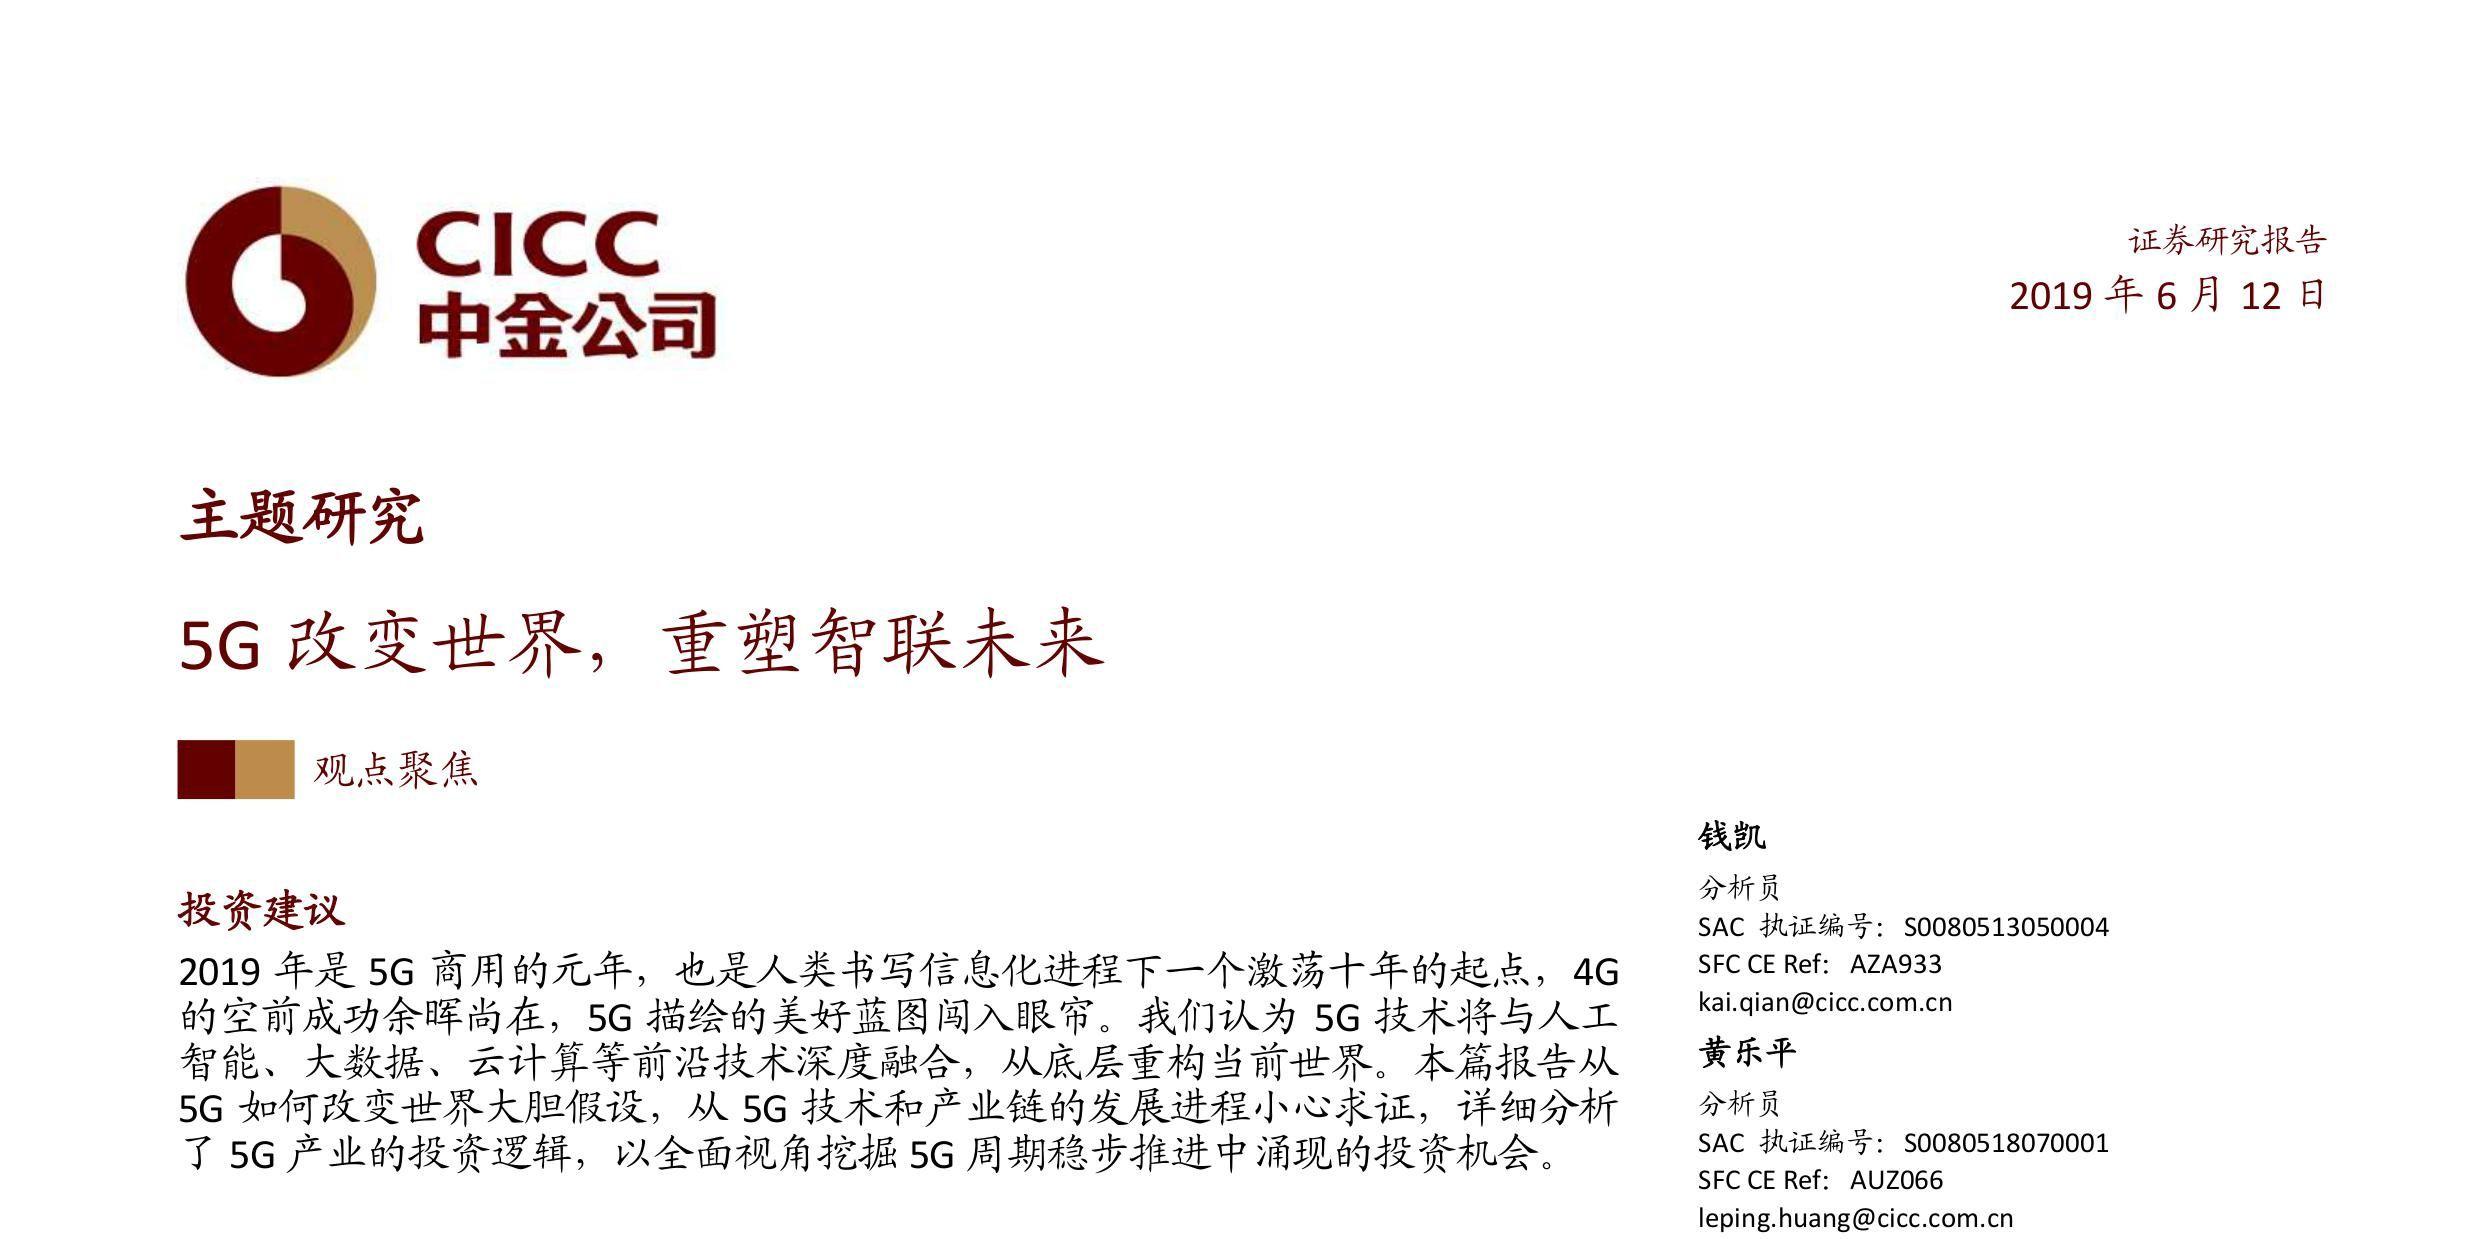 中金100页5G报告:5G改变世界,重塑智联未来(内附完整下载)